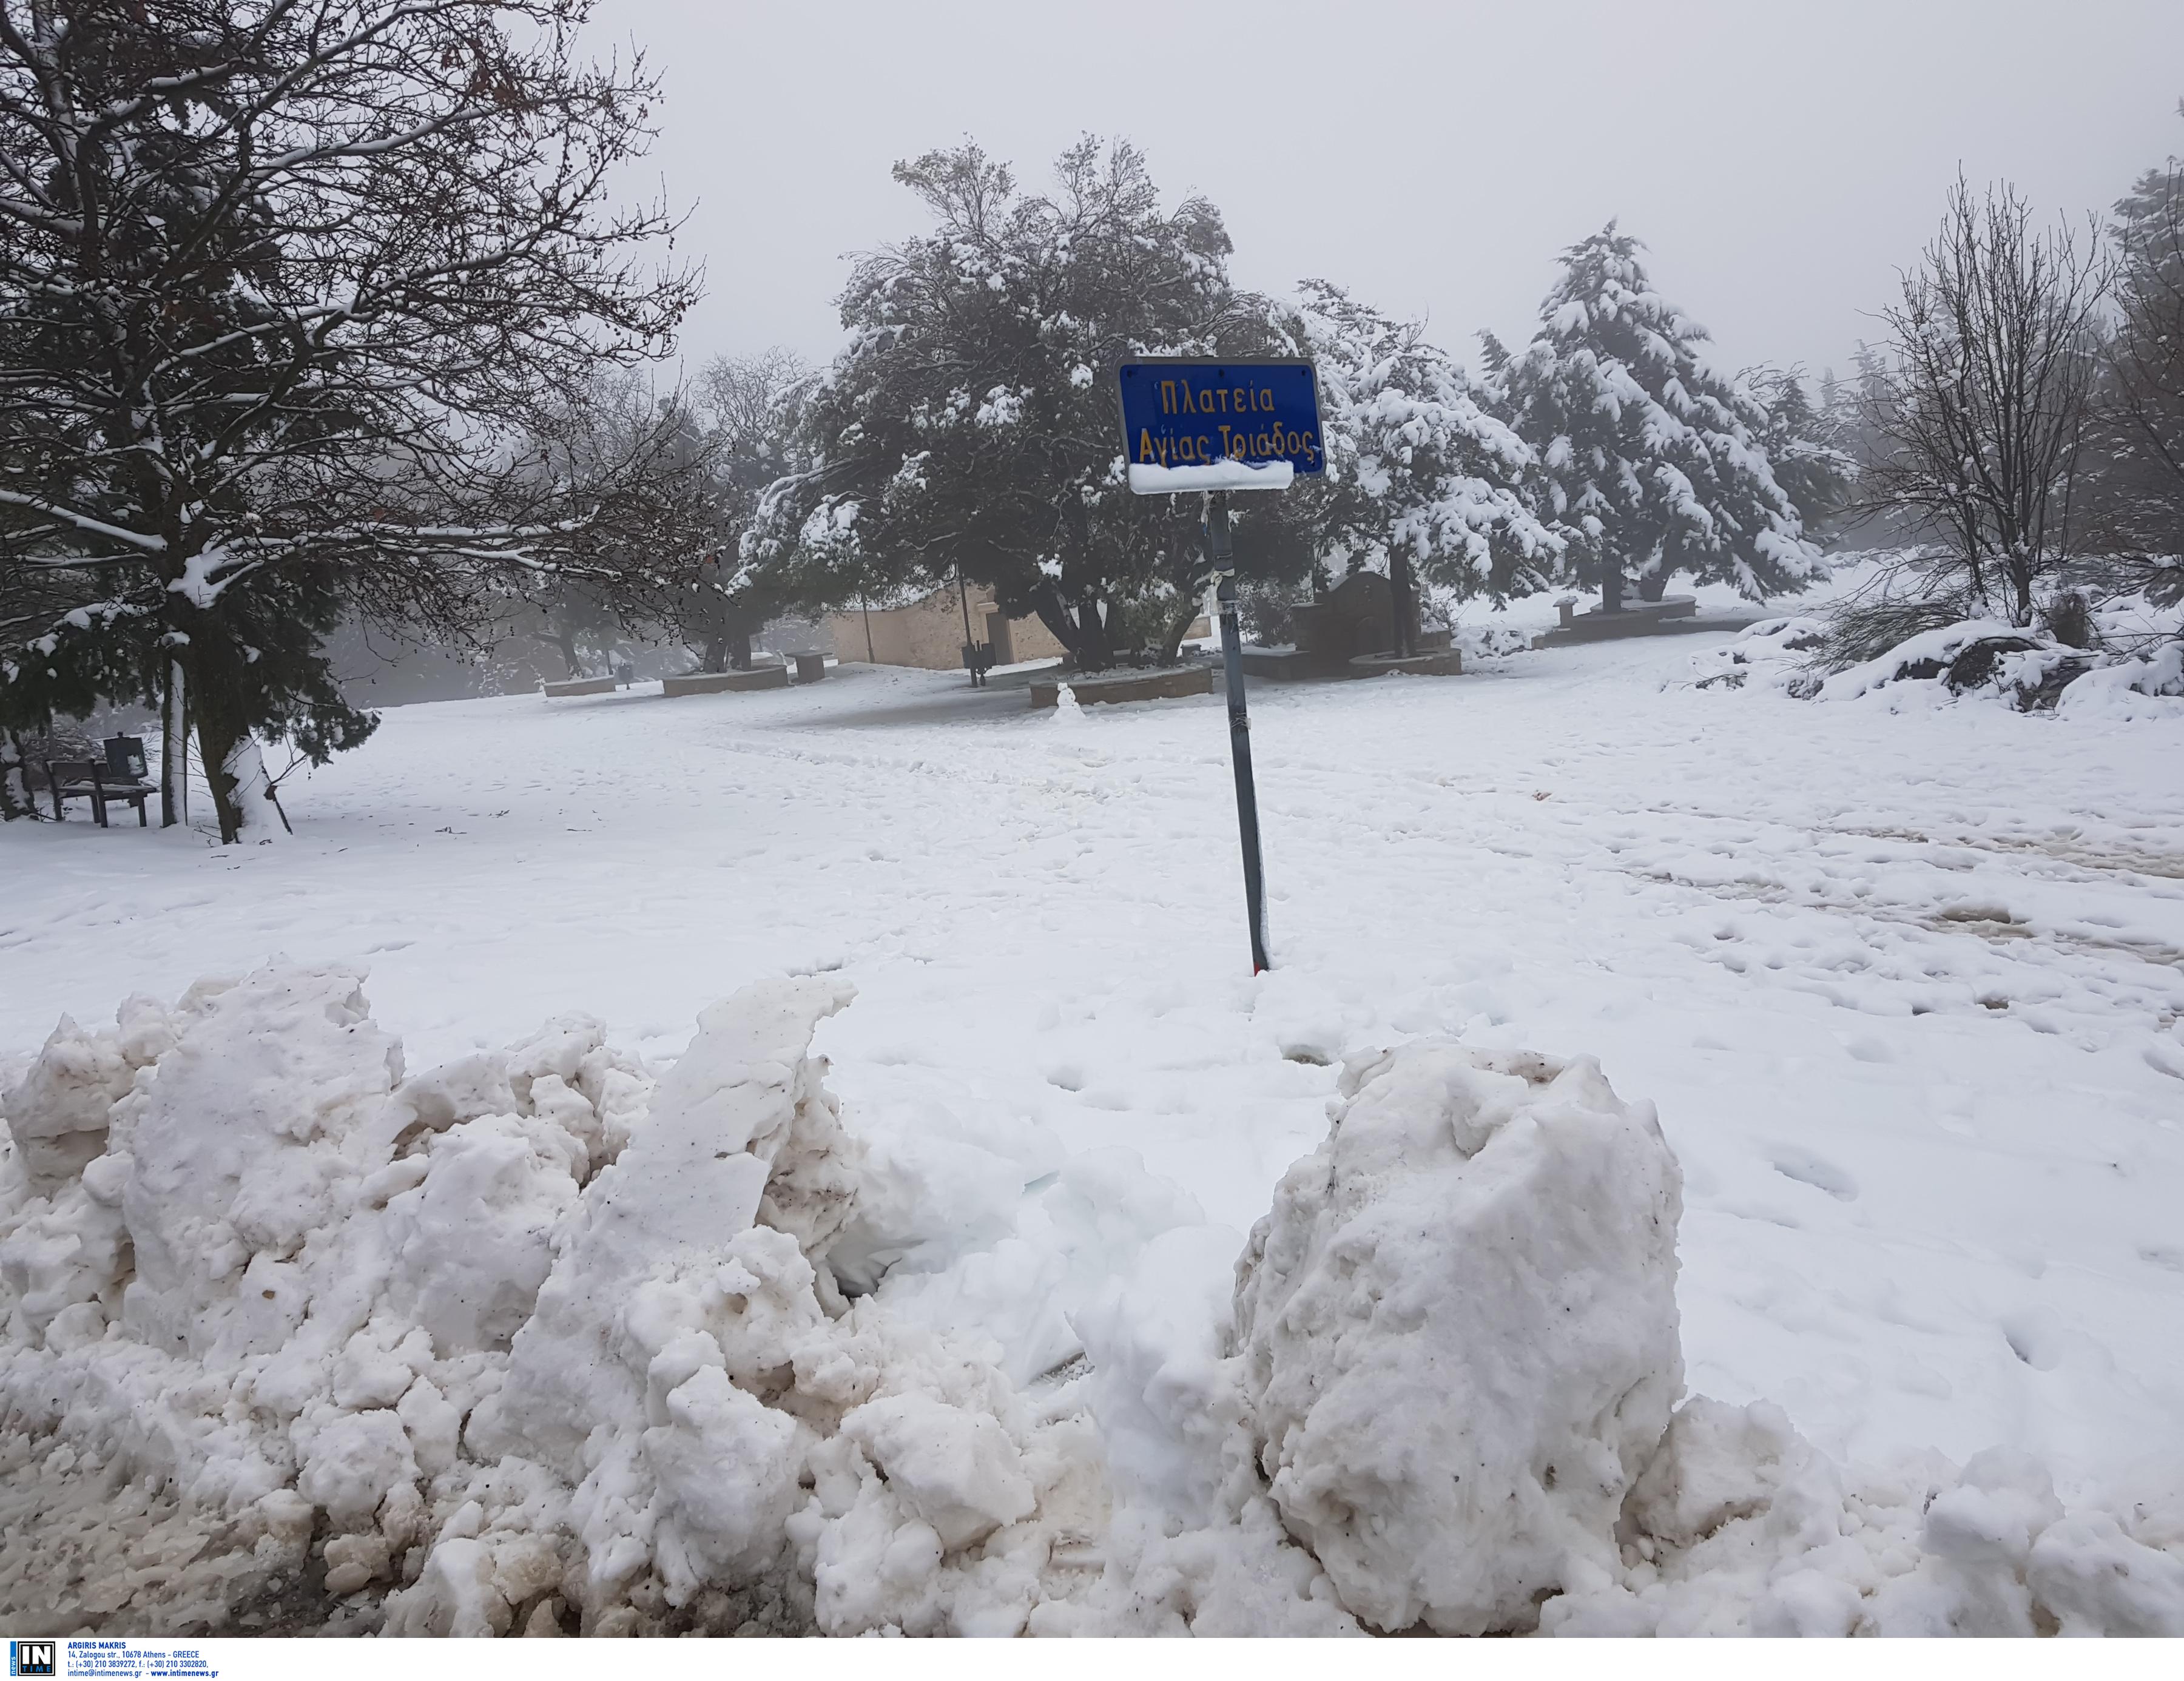 """Μετά την Ζηνοβία... ψυχρή εισβολή από Ρωσία! Χιόνια και στην Αττική - Πότε ξεκινά το νέο """"κύμα"""""""